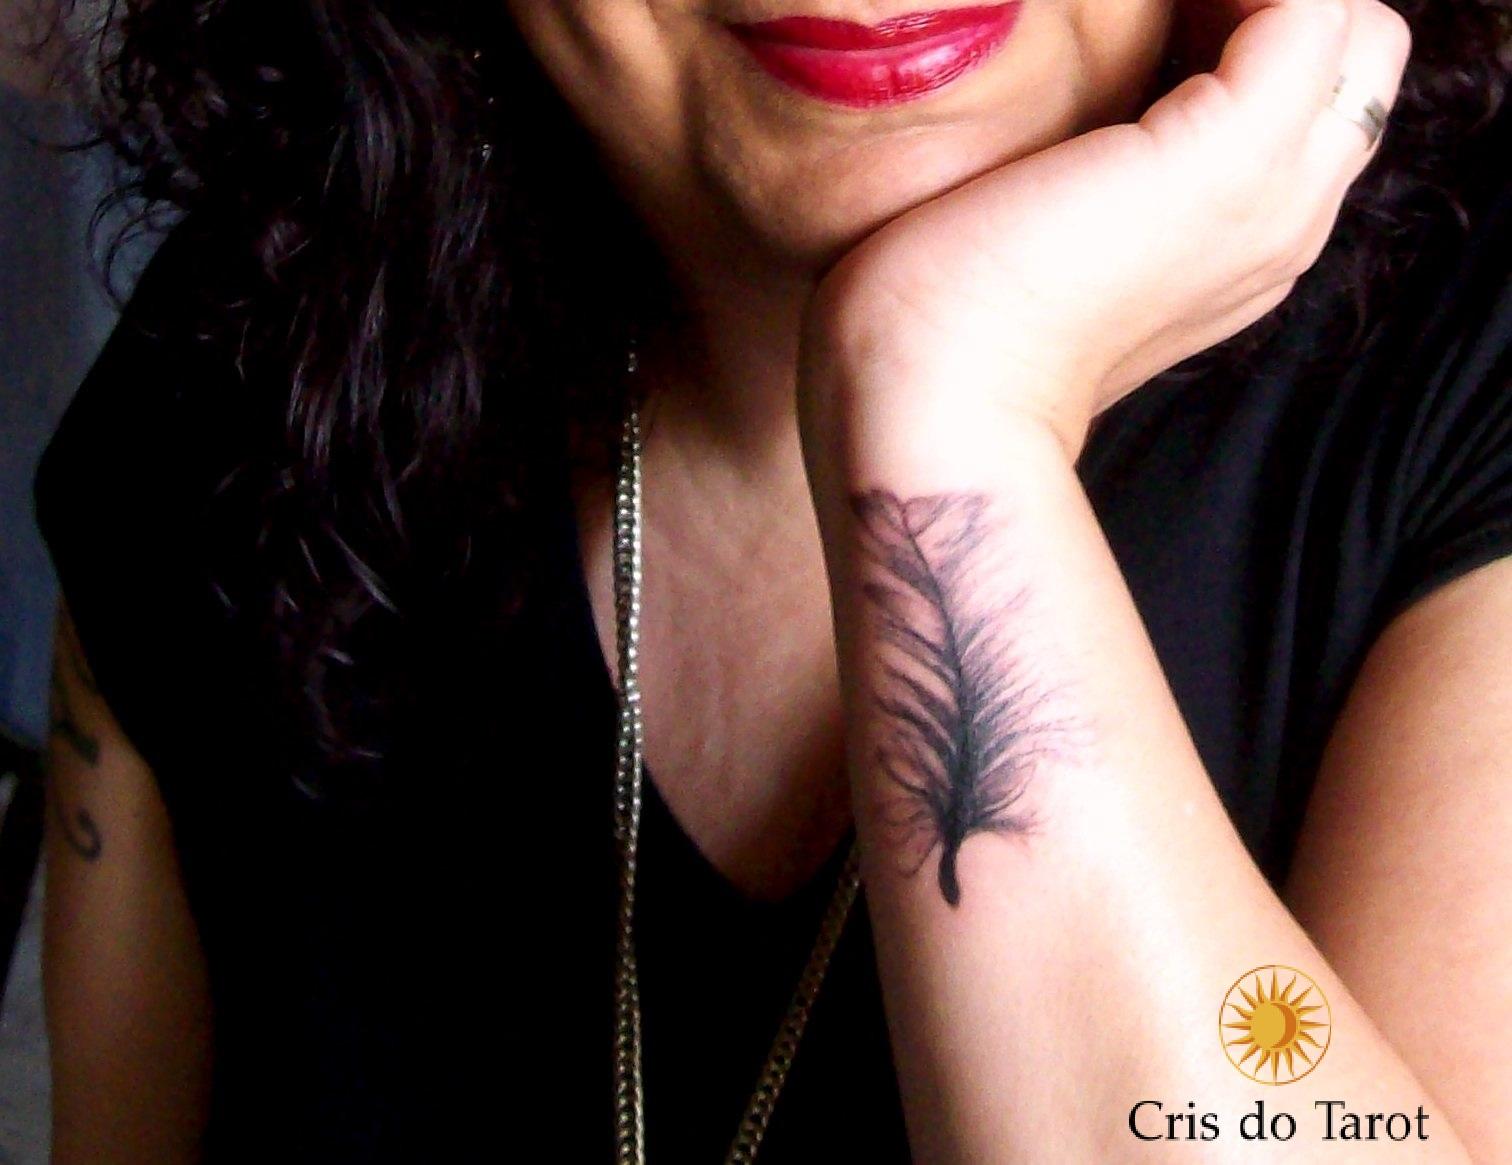 Veja meu perfil lá no Facebook